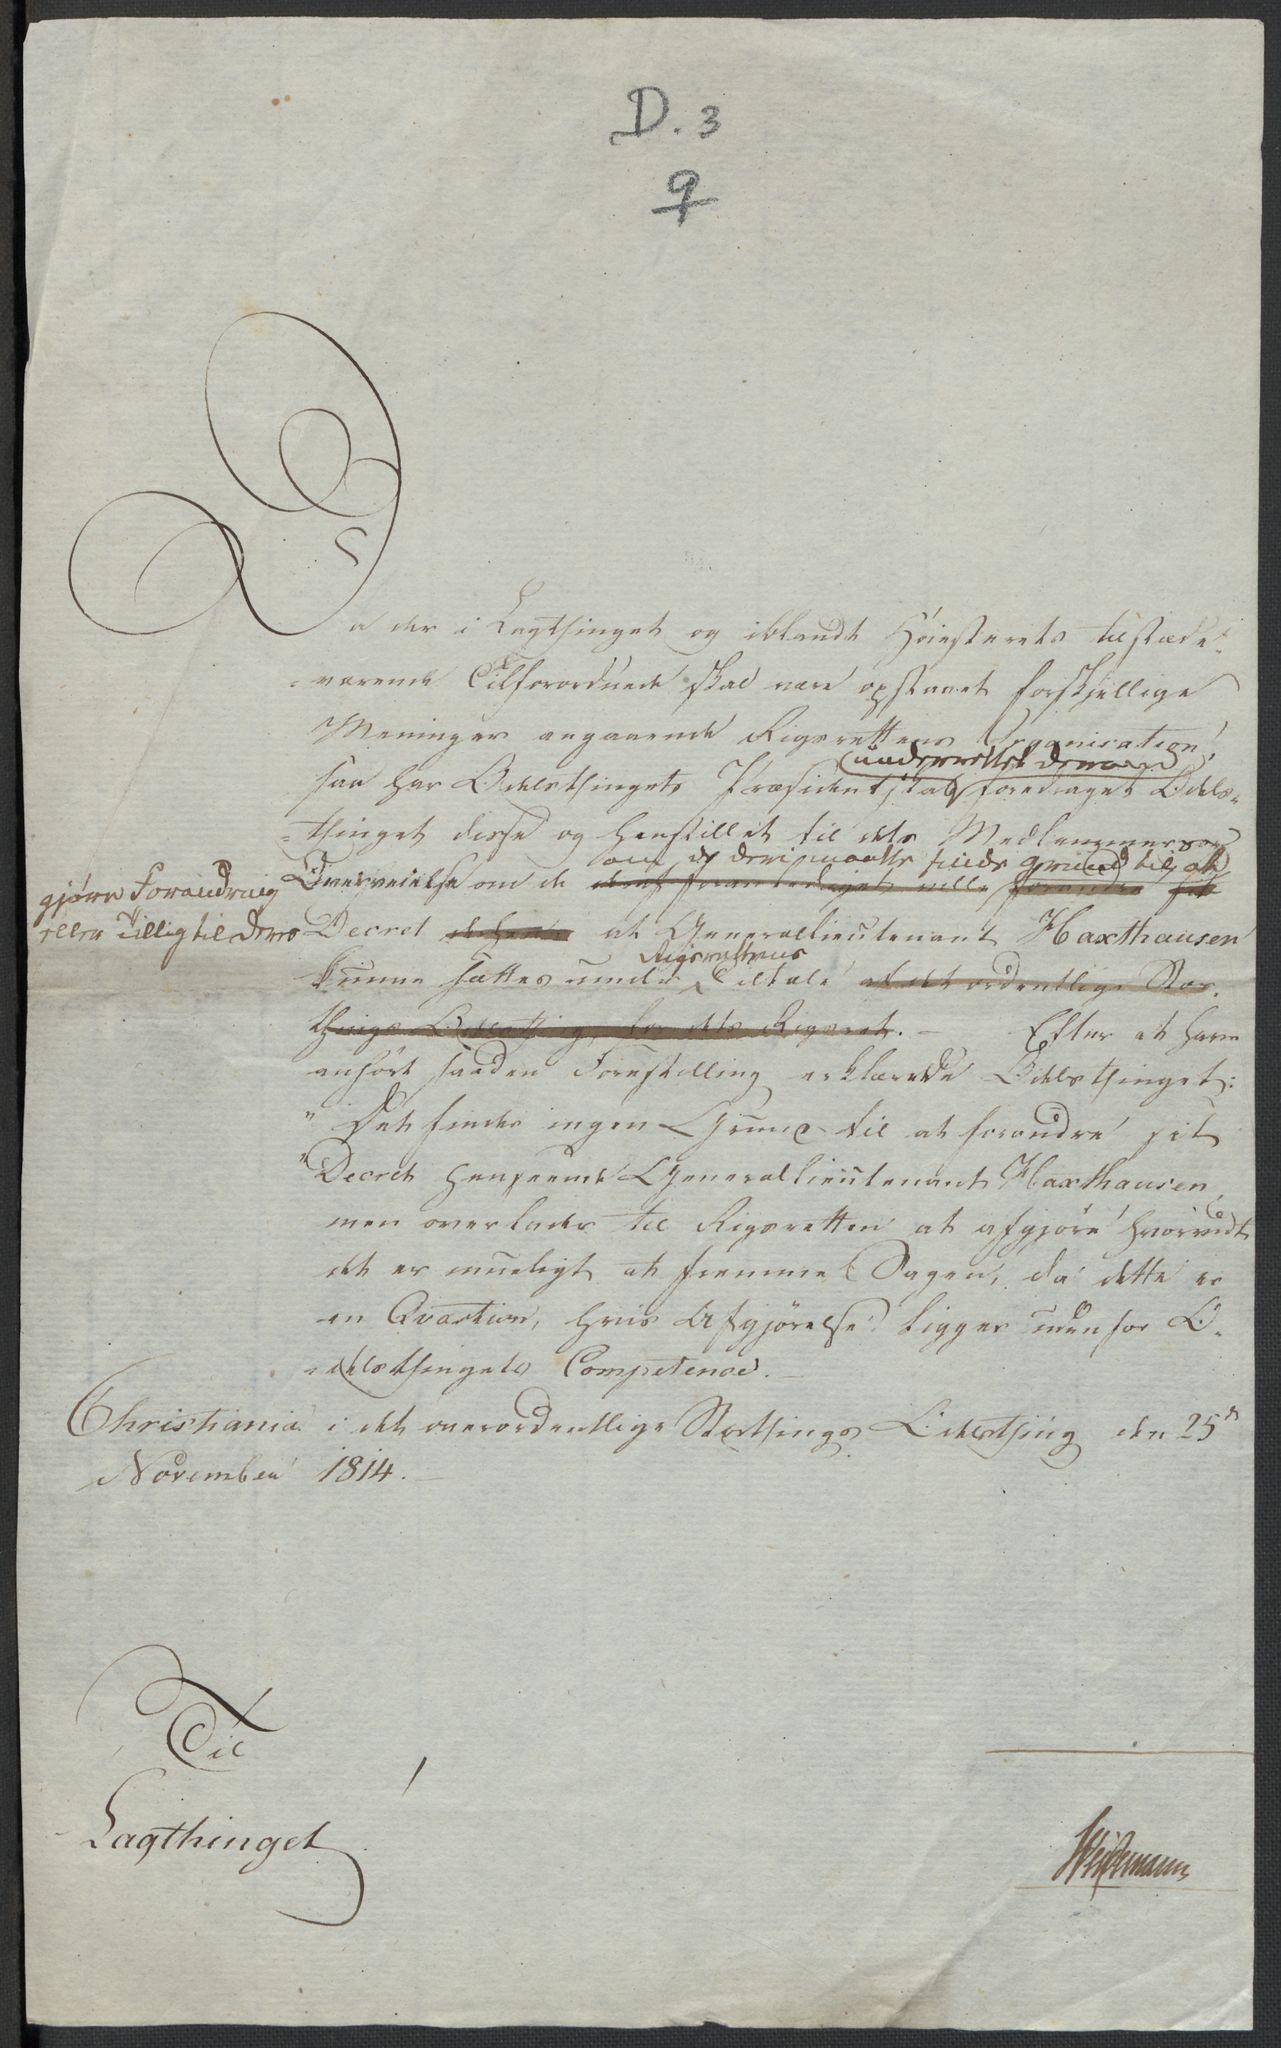 RA, Christie, Wilhelm Frimann Koren, F/L0004, 1814, s. 239